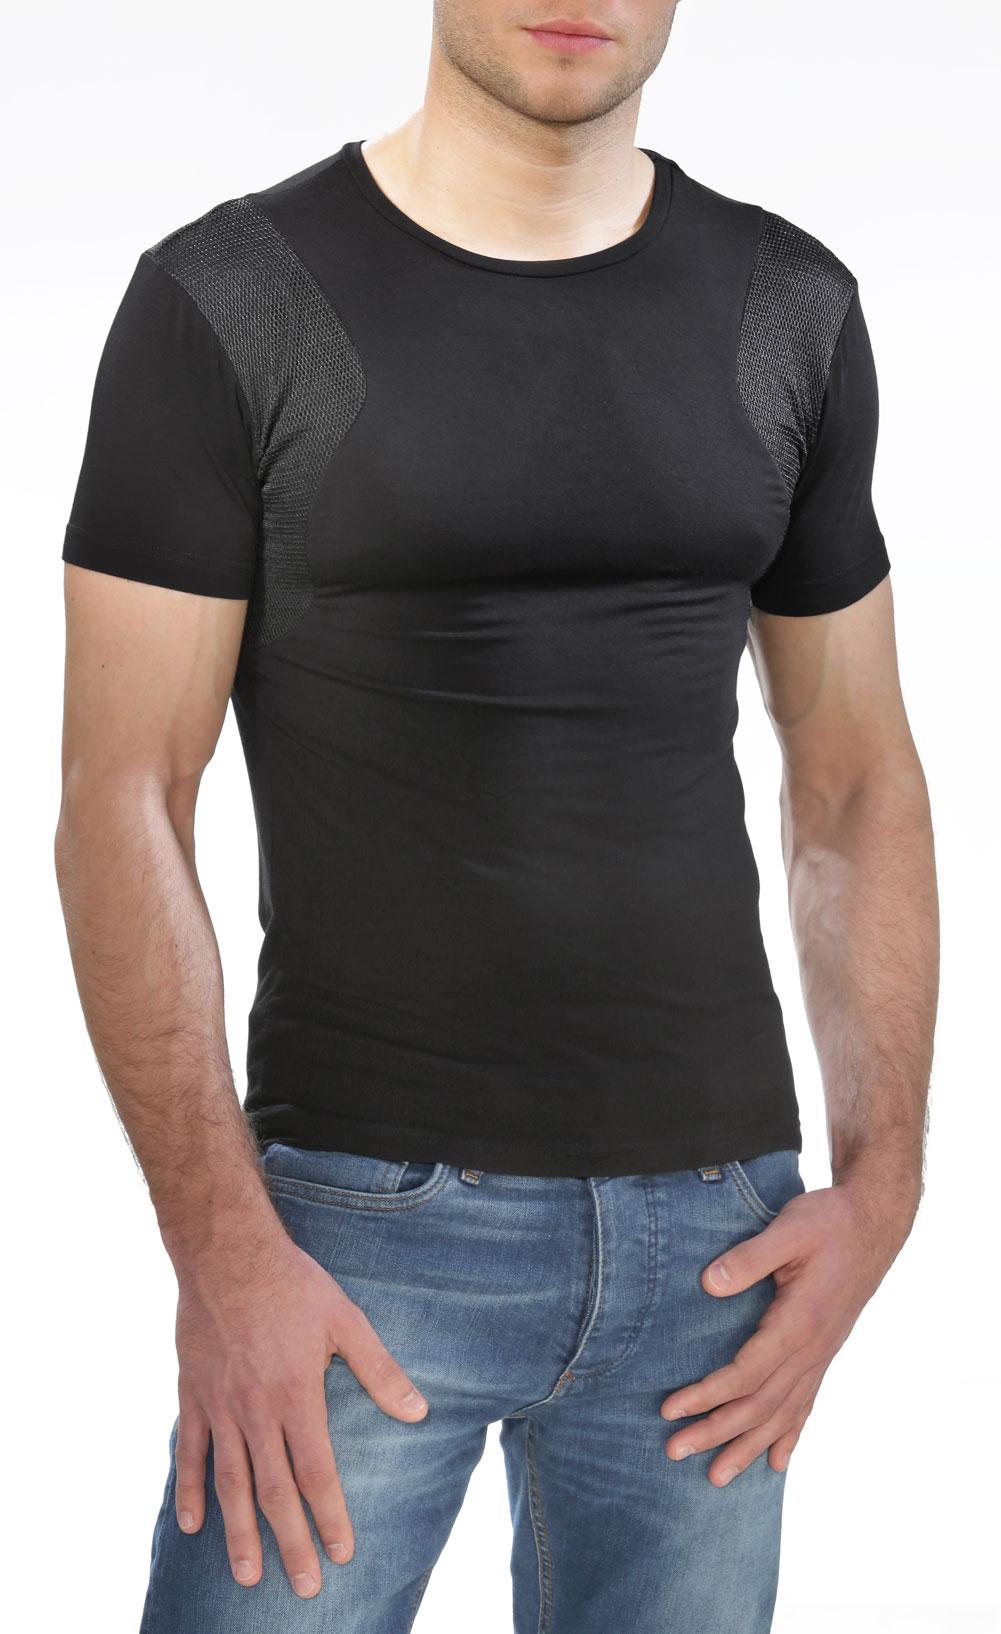 Men-Shirt-Shoulder-VT.jpg